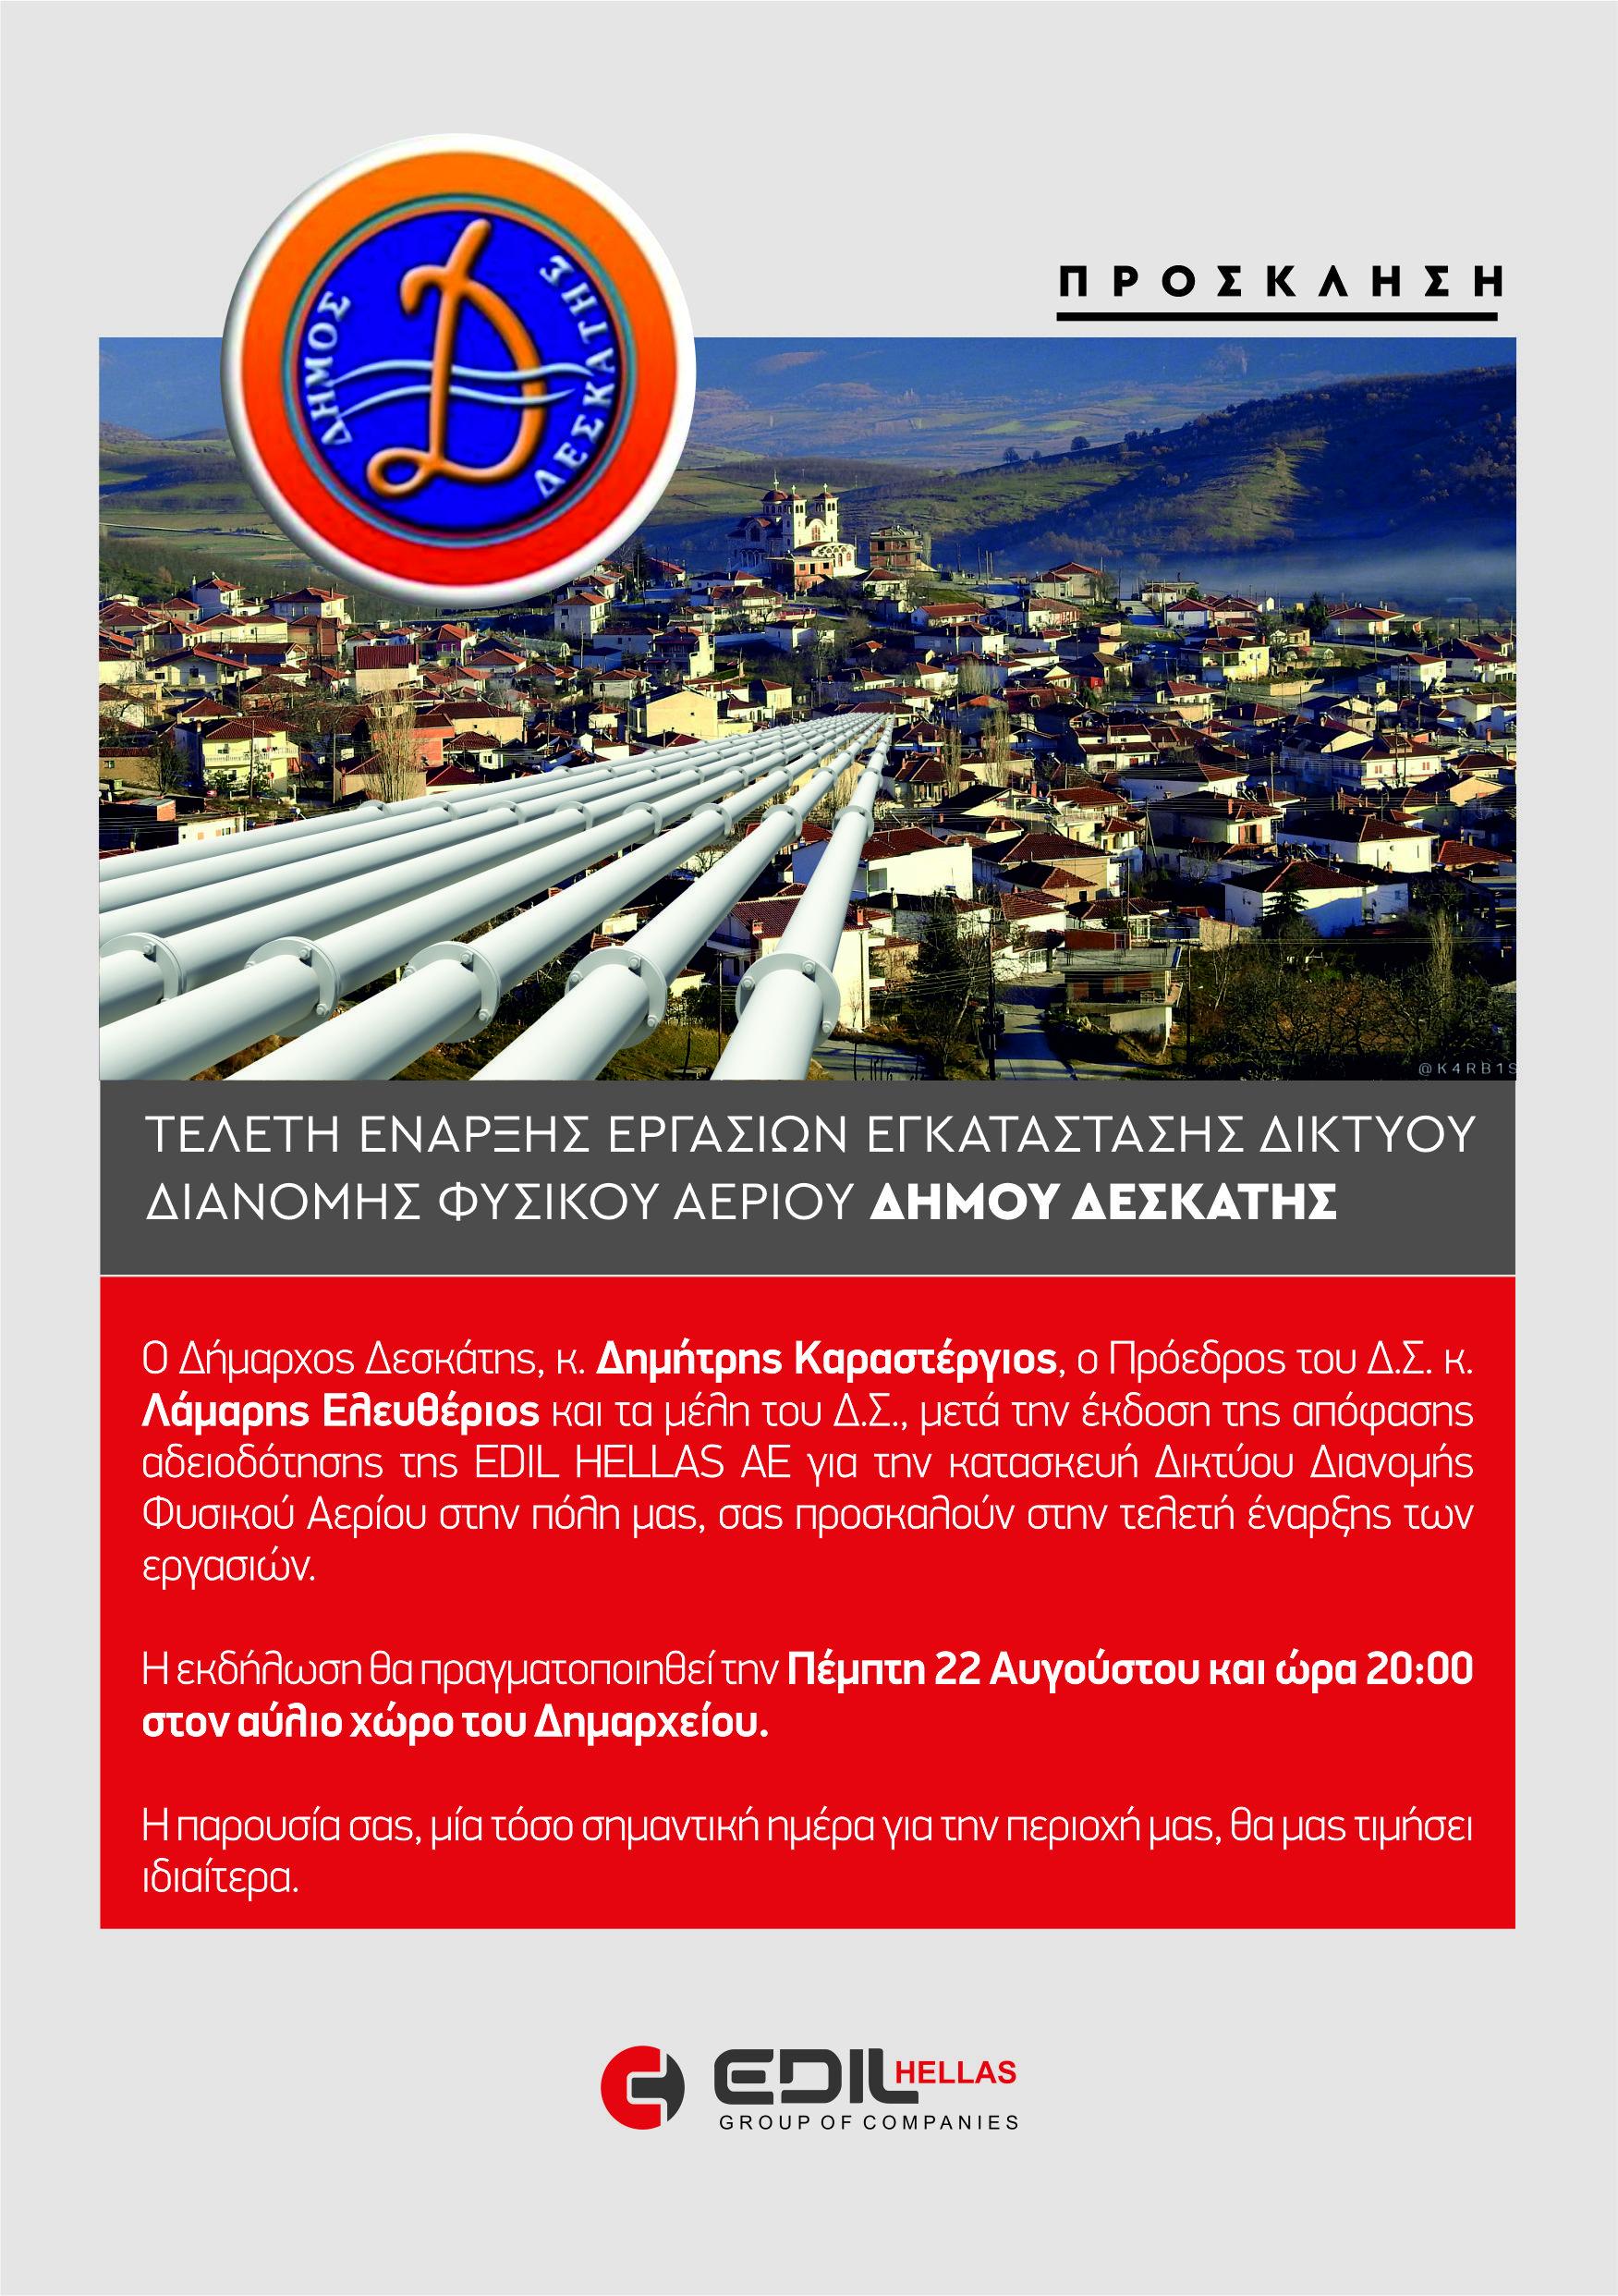 Πρόσκληση τελετής έναρξης εργασιών εγκατάστασης δικτύου διανομής φυσικού αερίου στο Δήμο Δεσκάτης